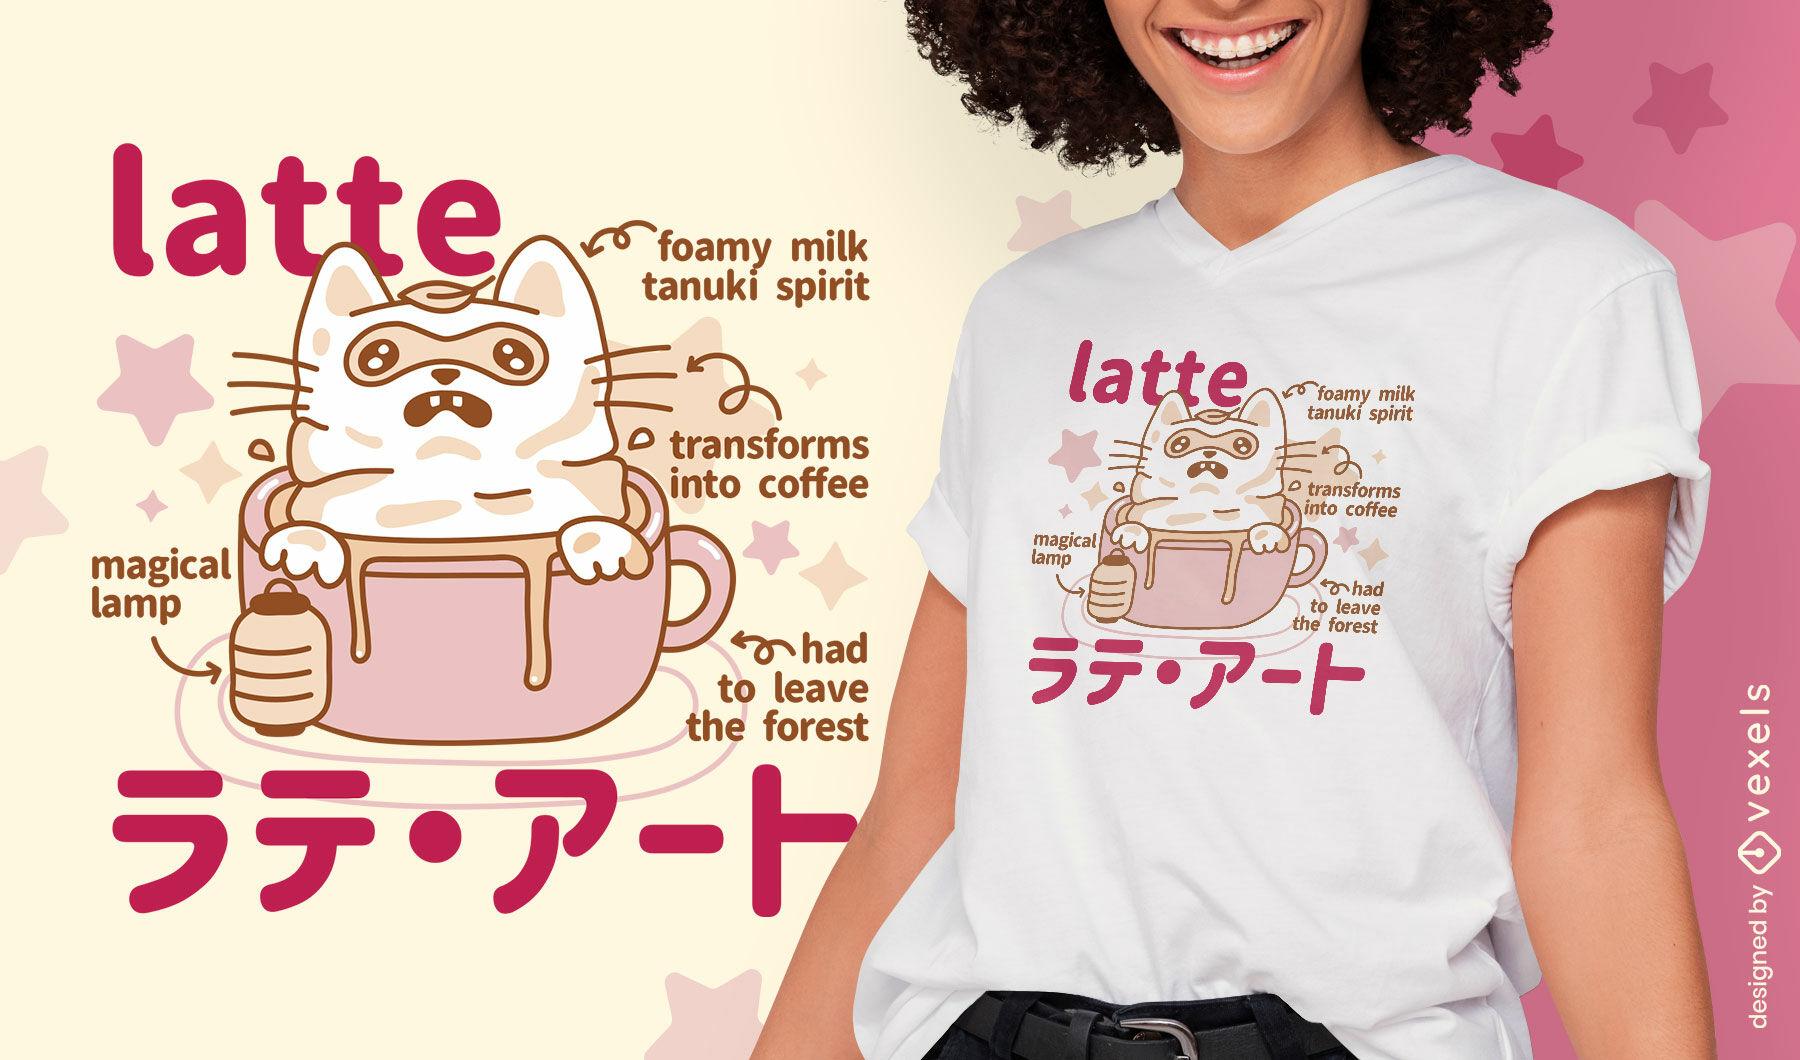 Japanese latte monster t-shirt design